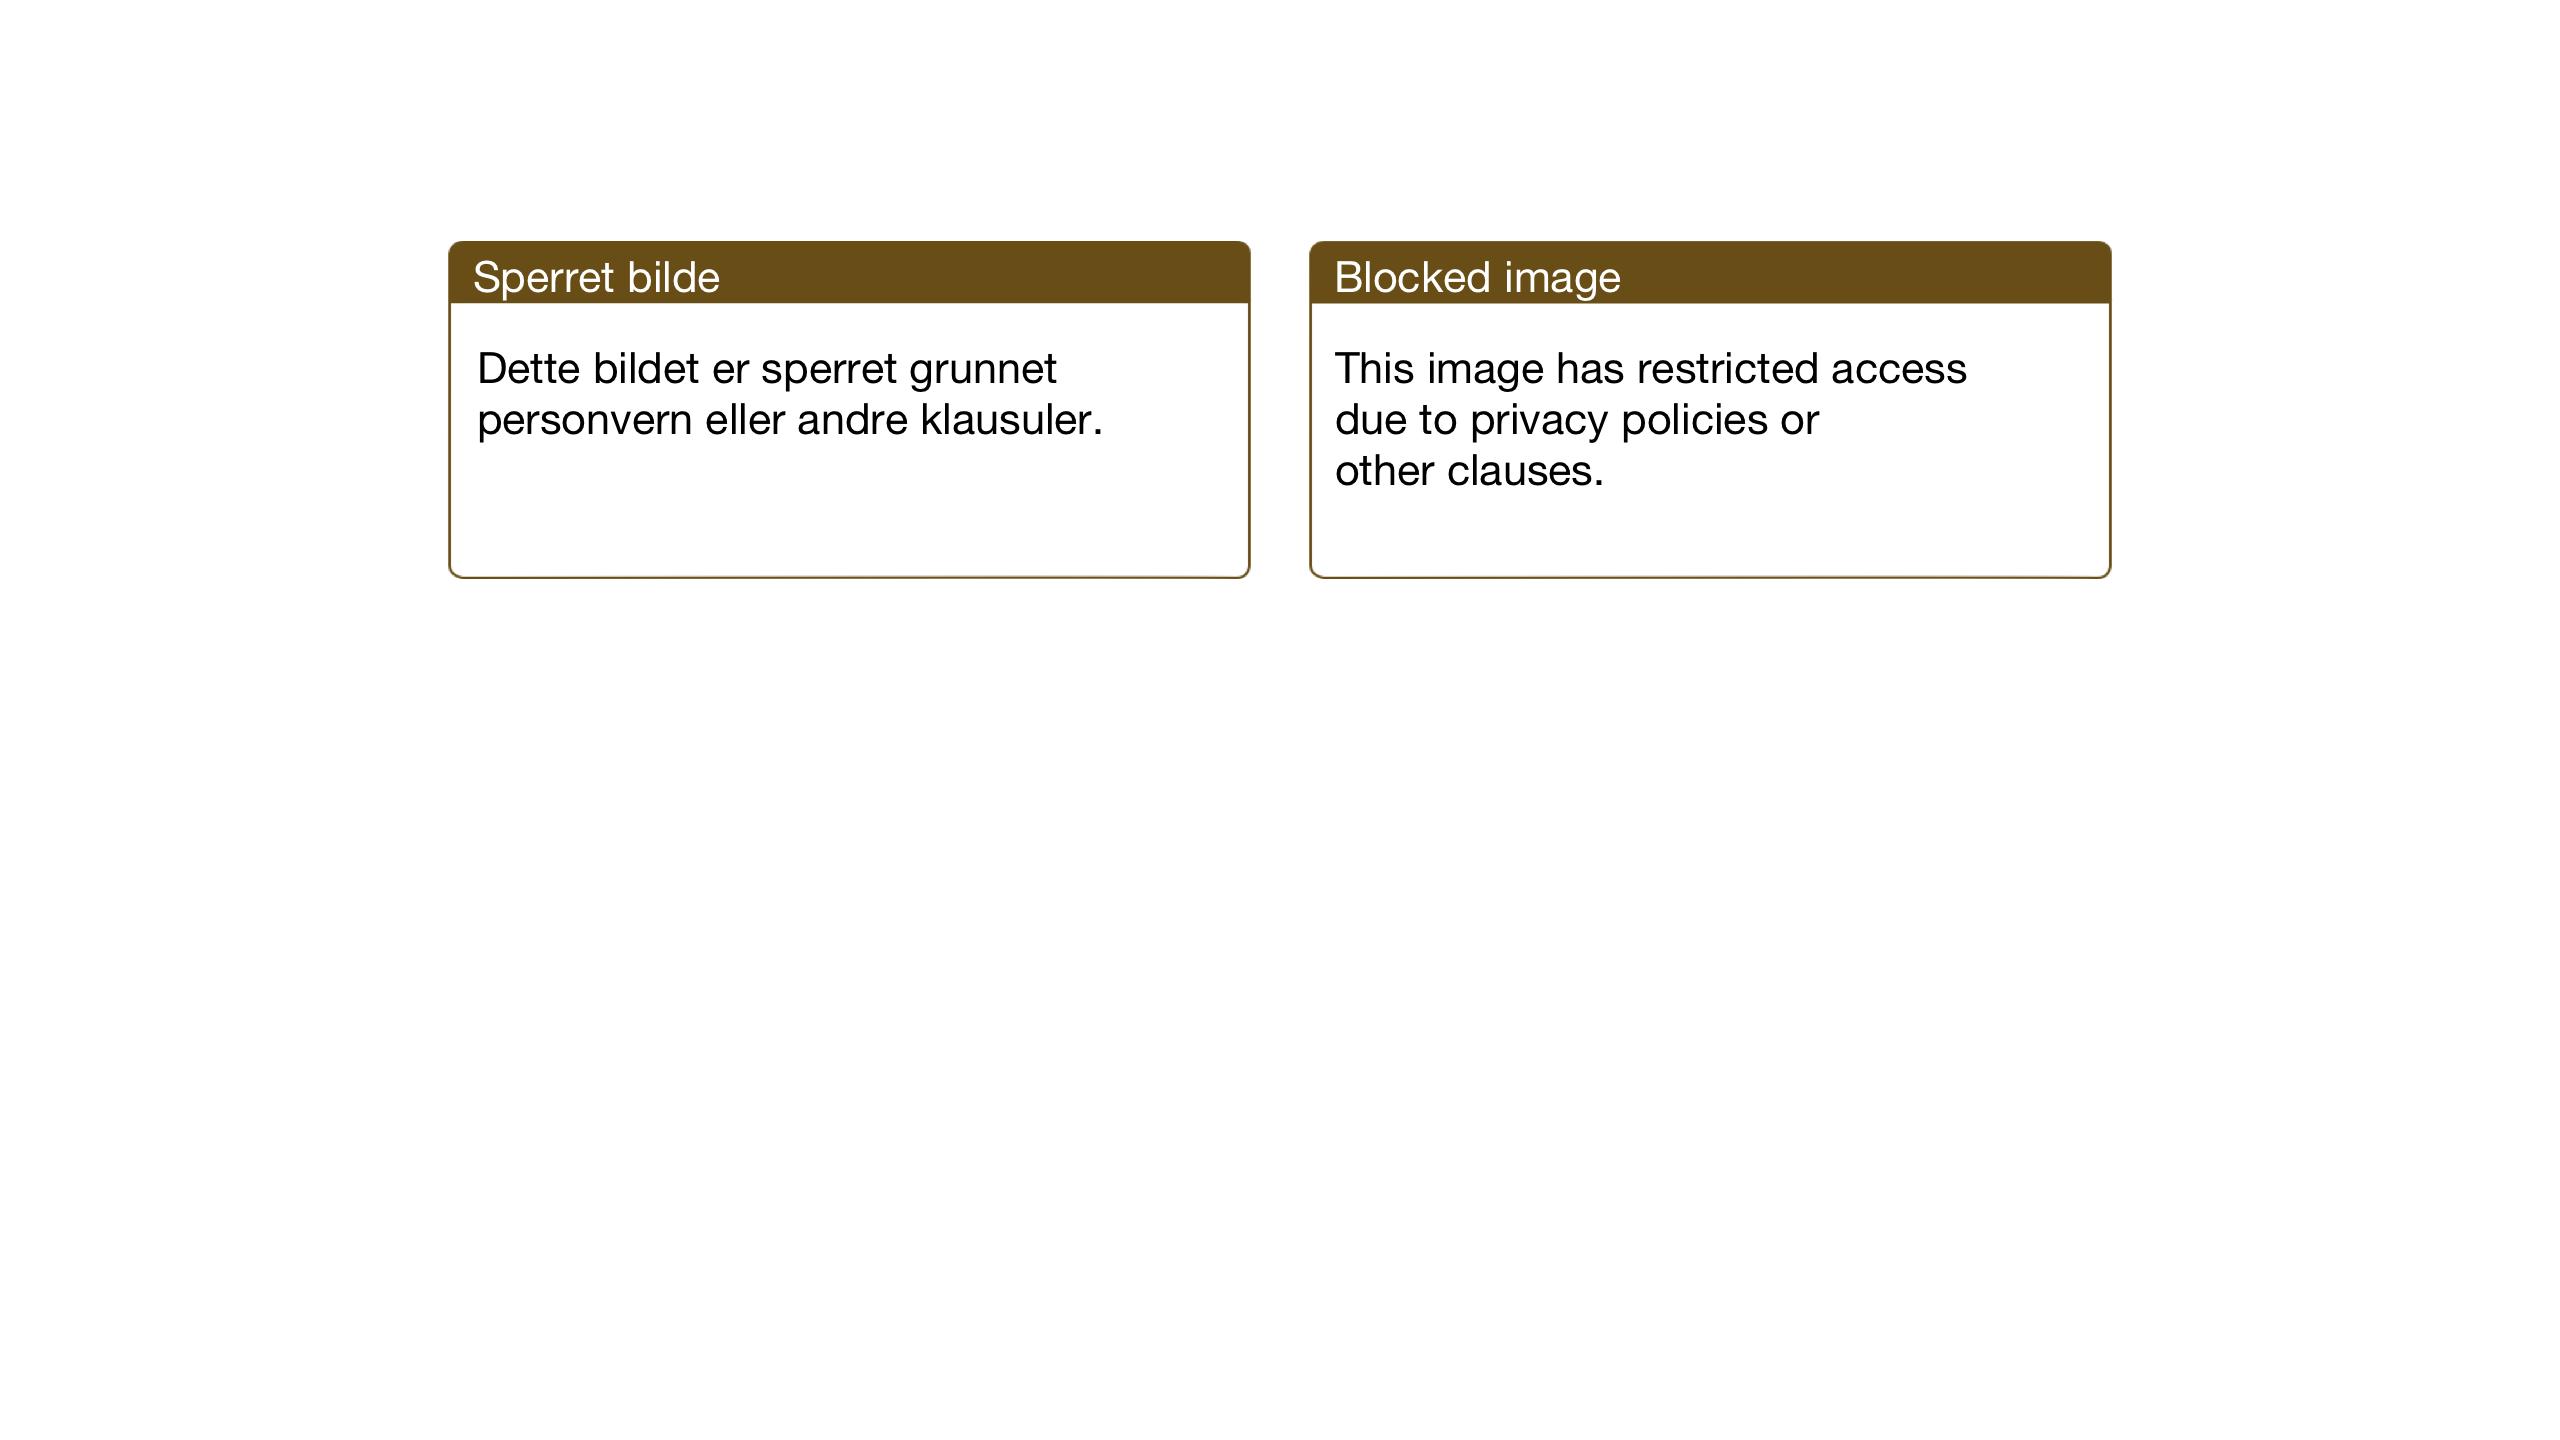 SAT, Ministerialprotokoller, klokkerbøker og fødselsregistre - Nord-Trøndelag, 722/L0227: Klokkerbok nr. 722C03, 1928-1958, s. 115